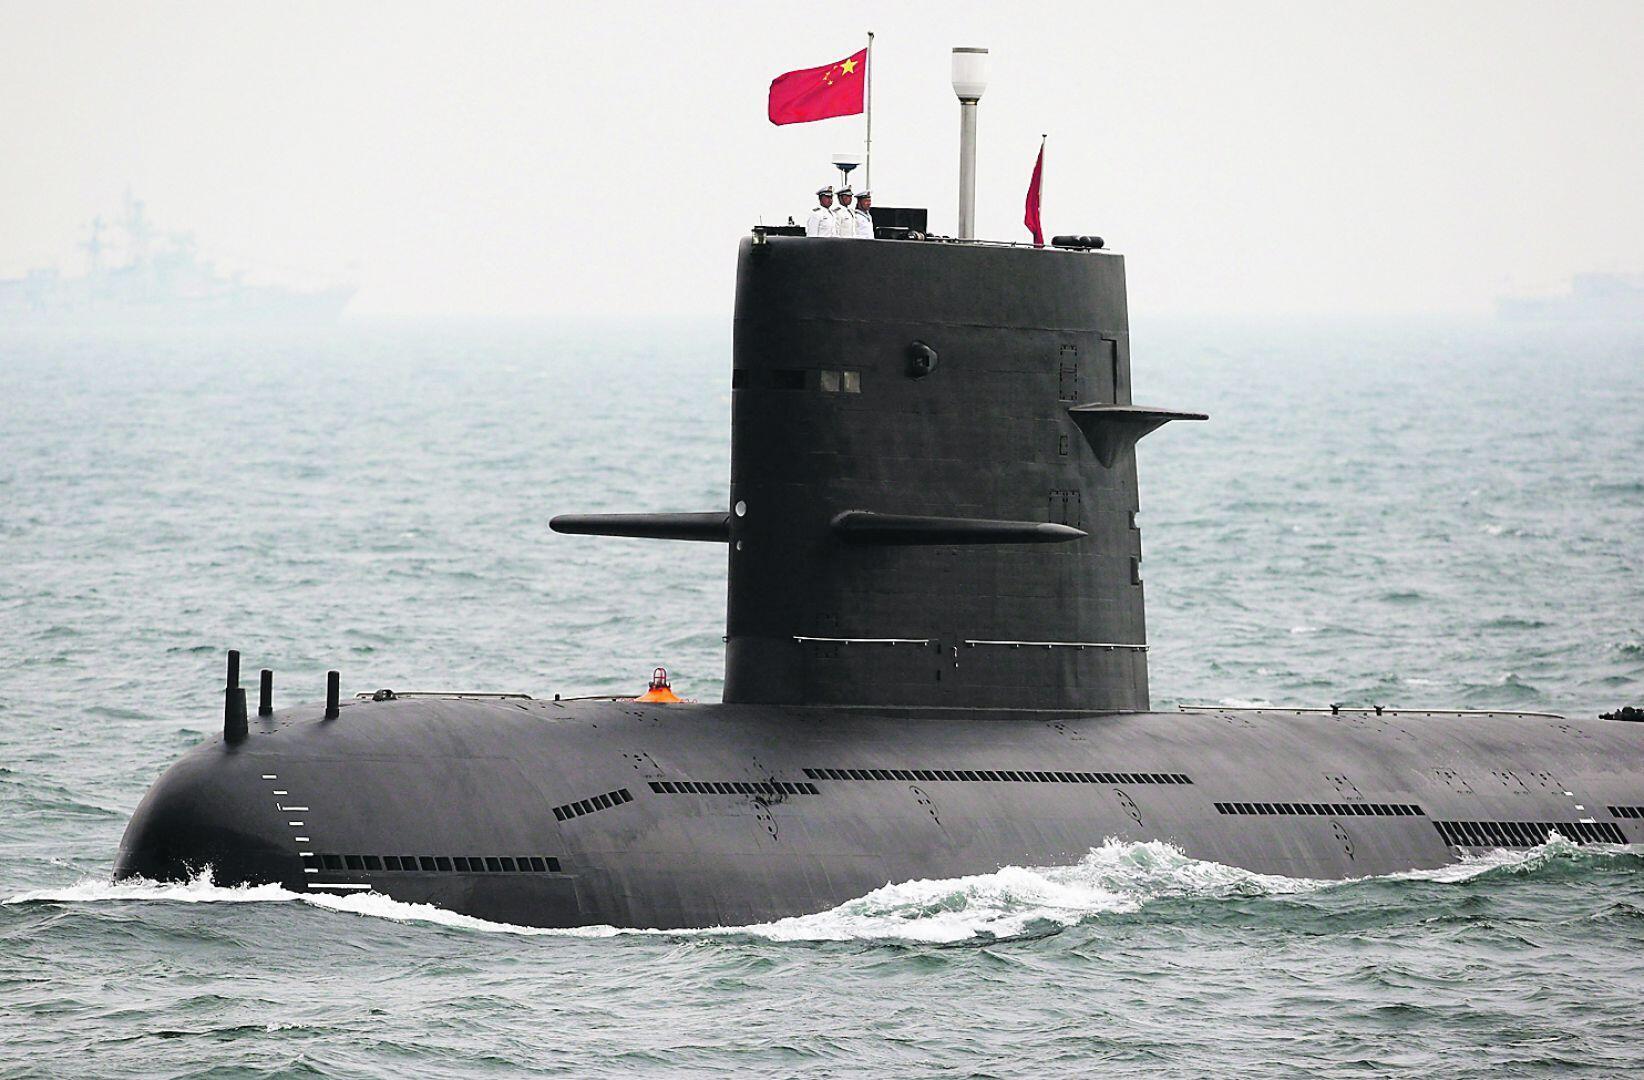 Một tầu ngầm của quân đội Trung Quốc.